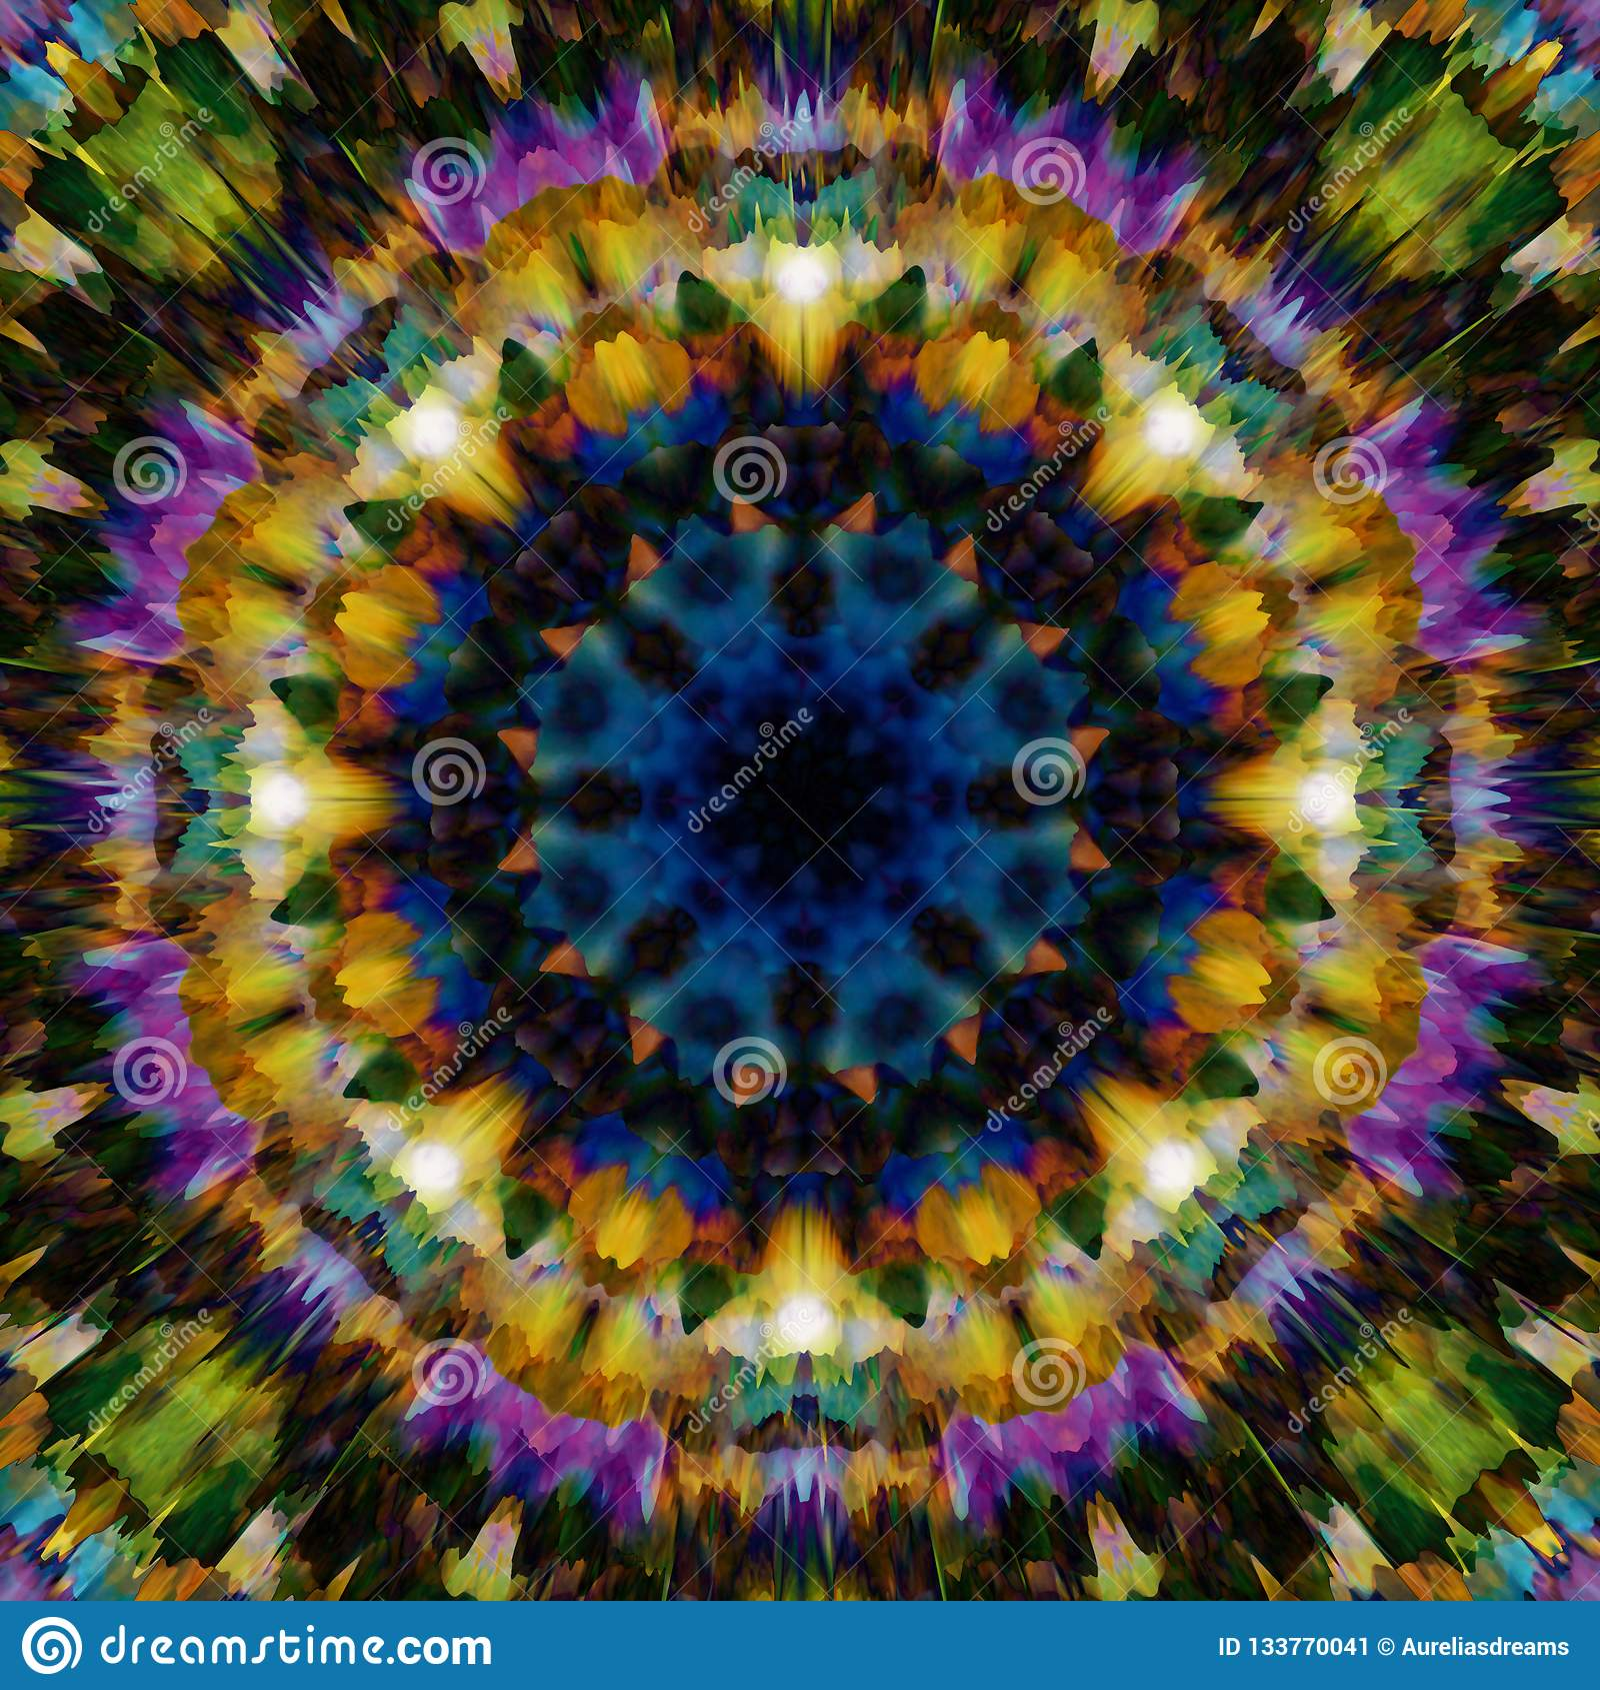 提取花卉背景 幻想种族样式 五颜六色的万花筒纹理 装饰坛场装饰品